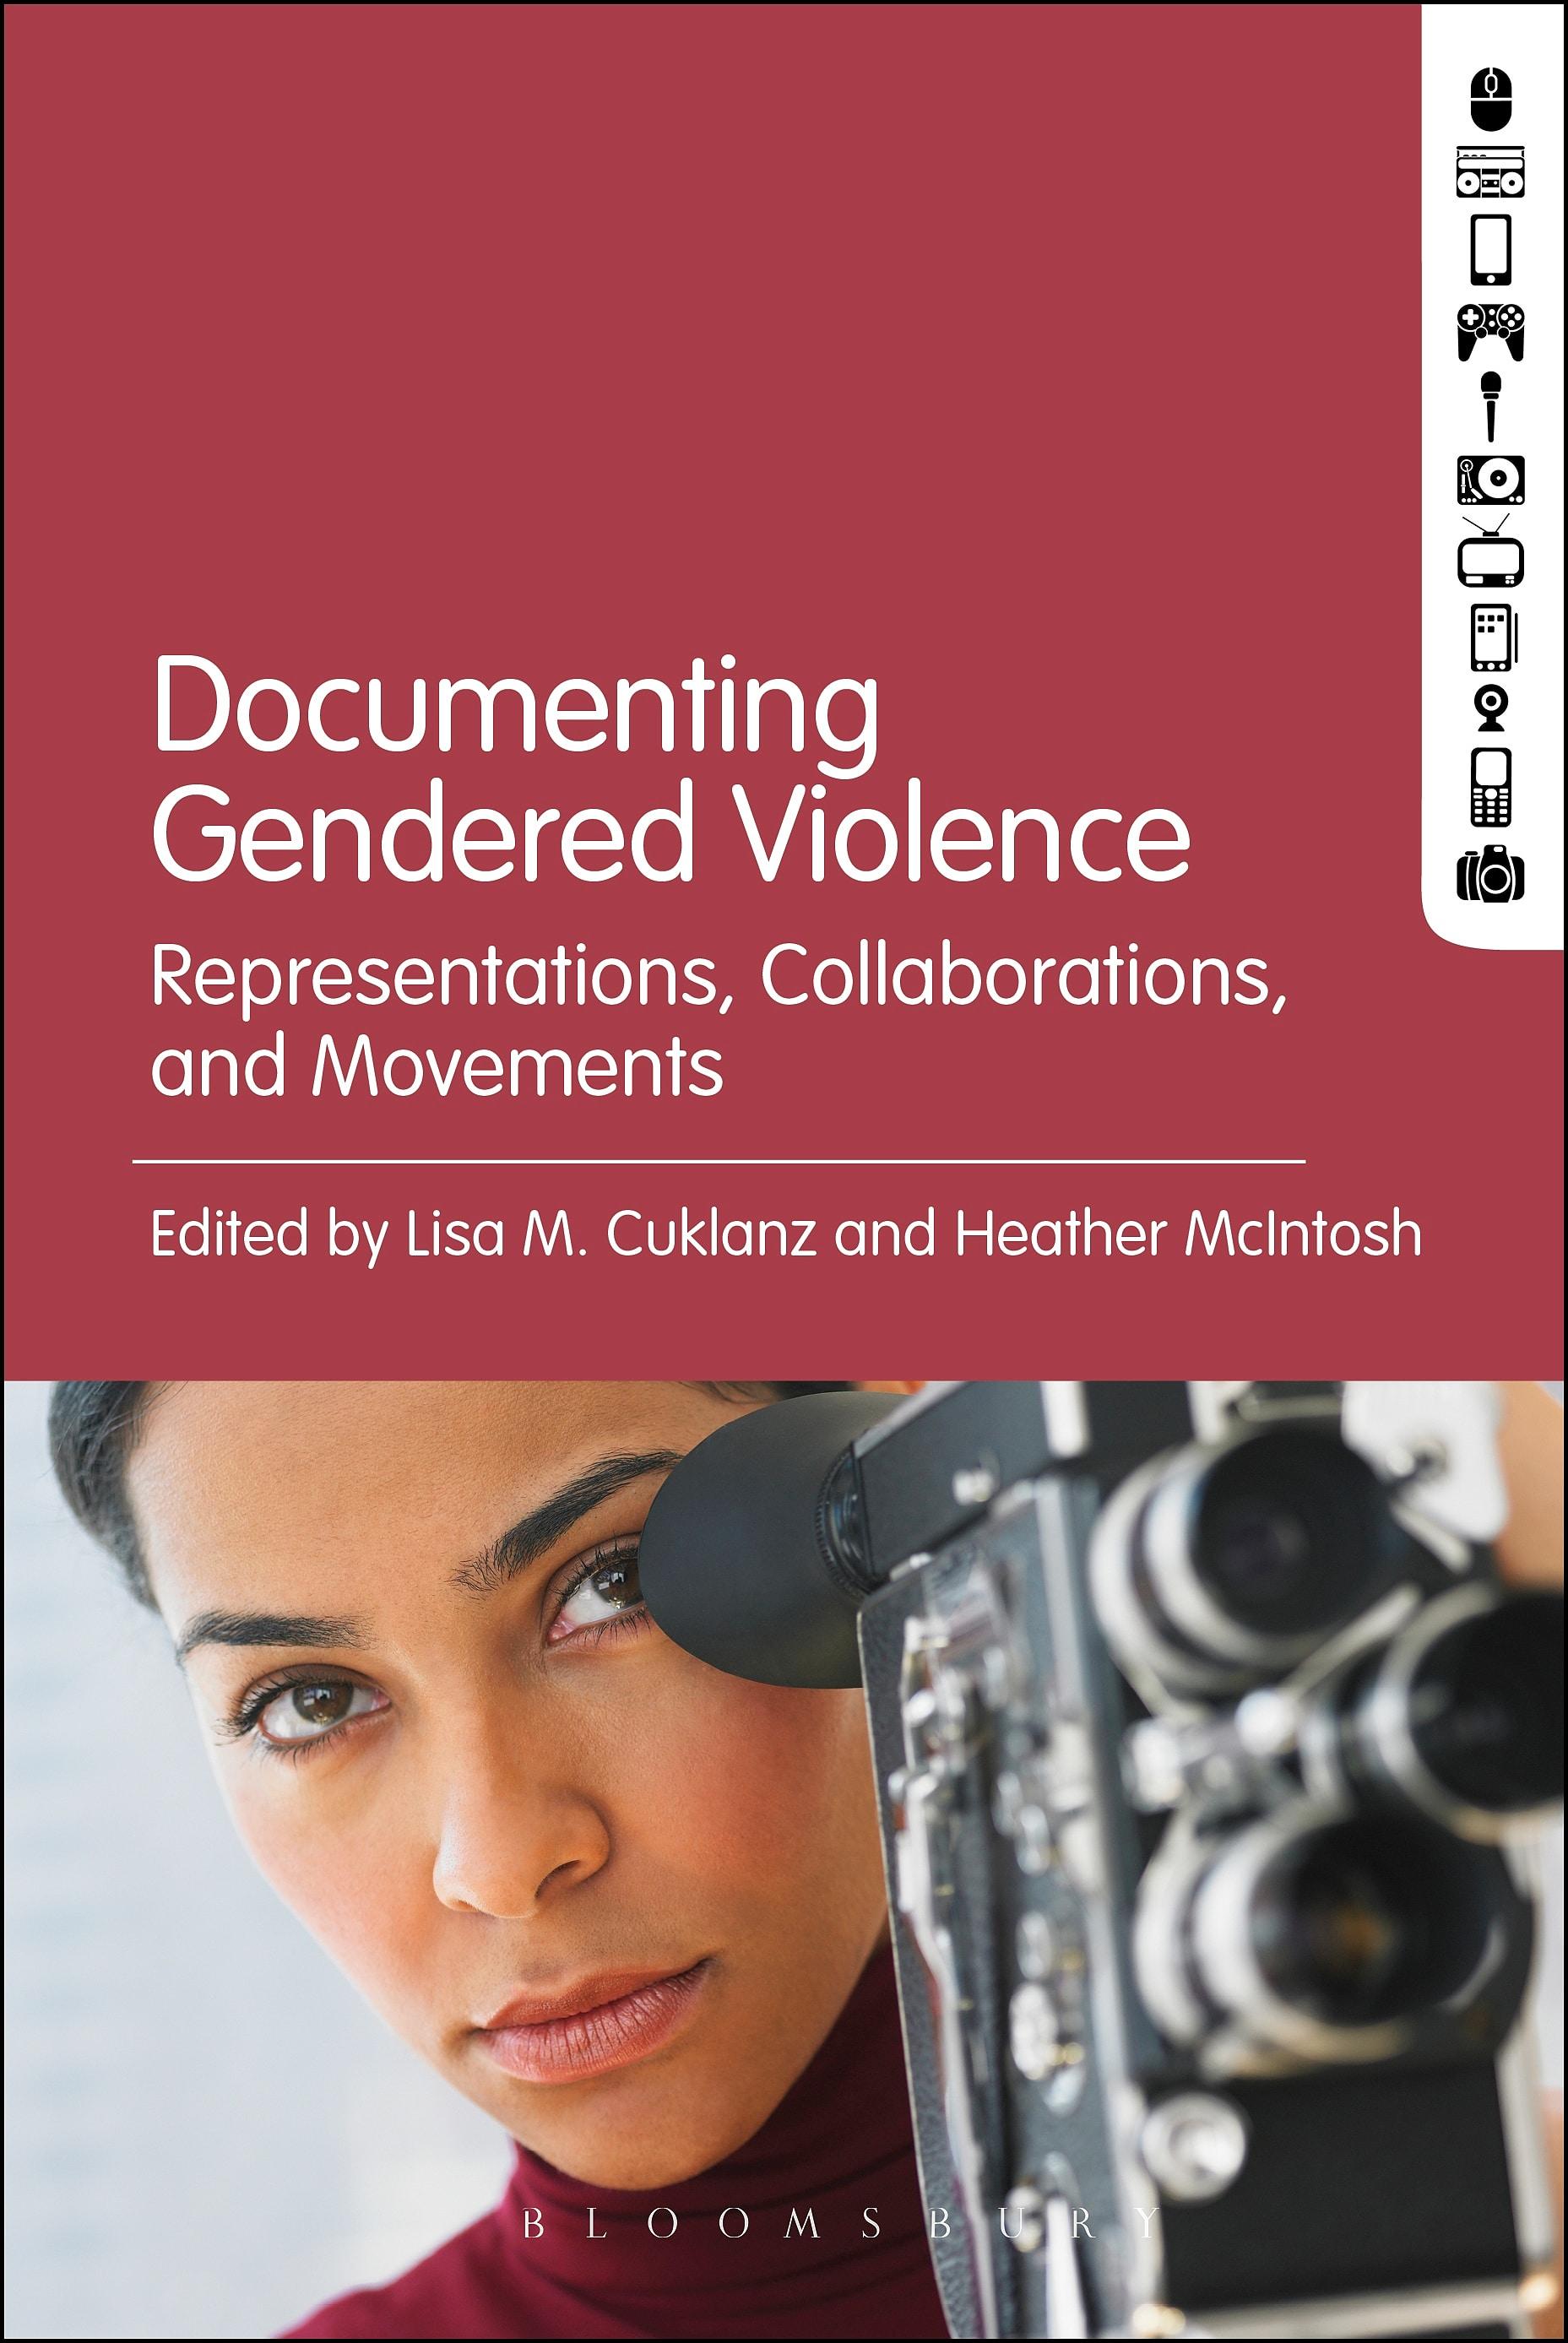 Documenting Gendered Violence